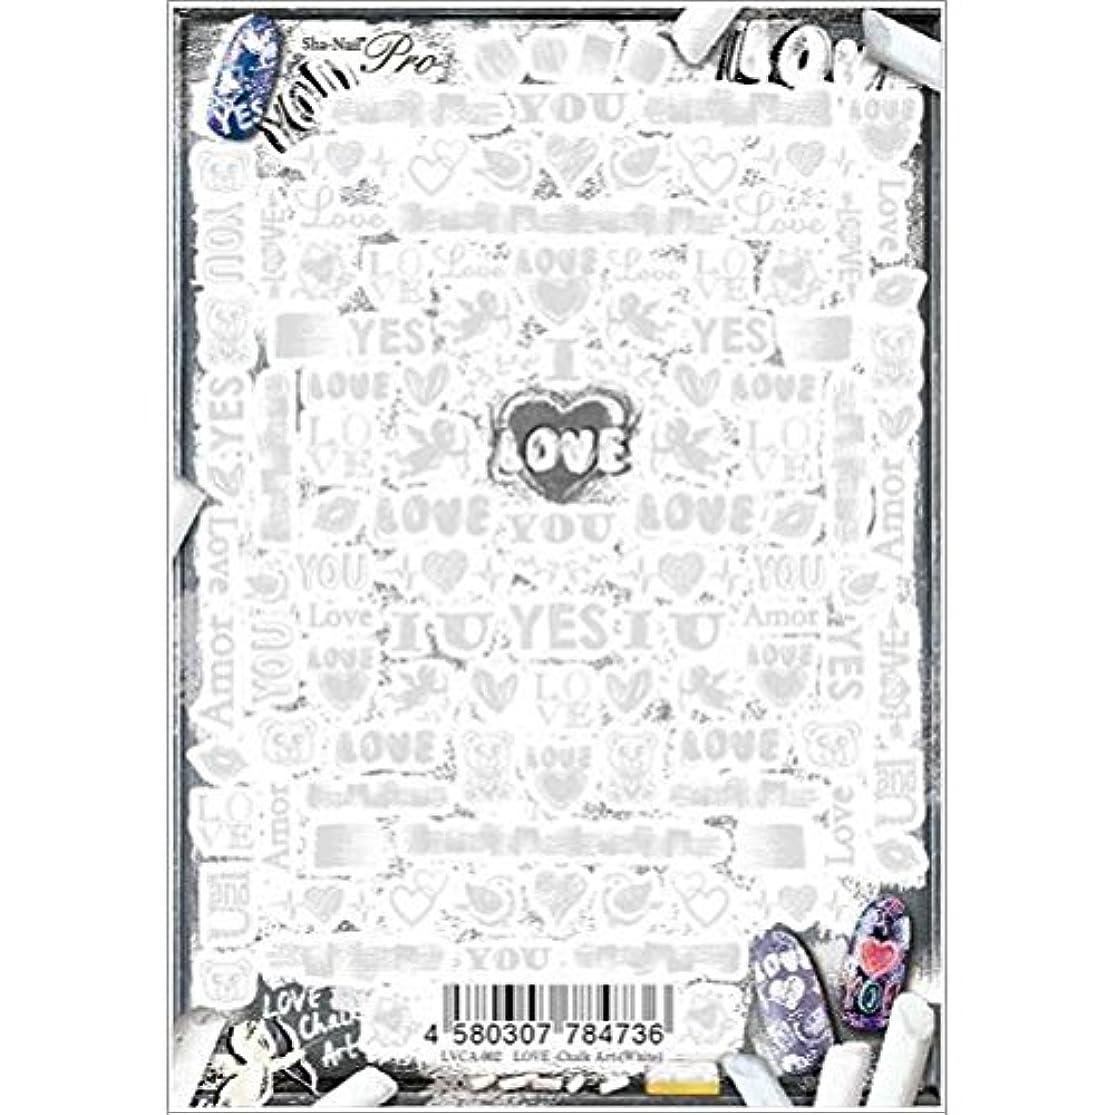 ラフトジェスチャーやろうSha-Nail Pro ネイルシール ラブ-チョークアート-(ホワイト) LVCA-002